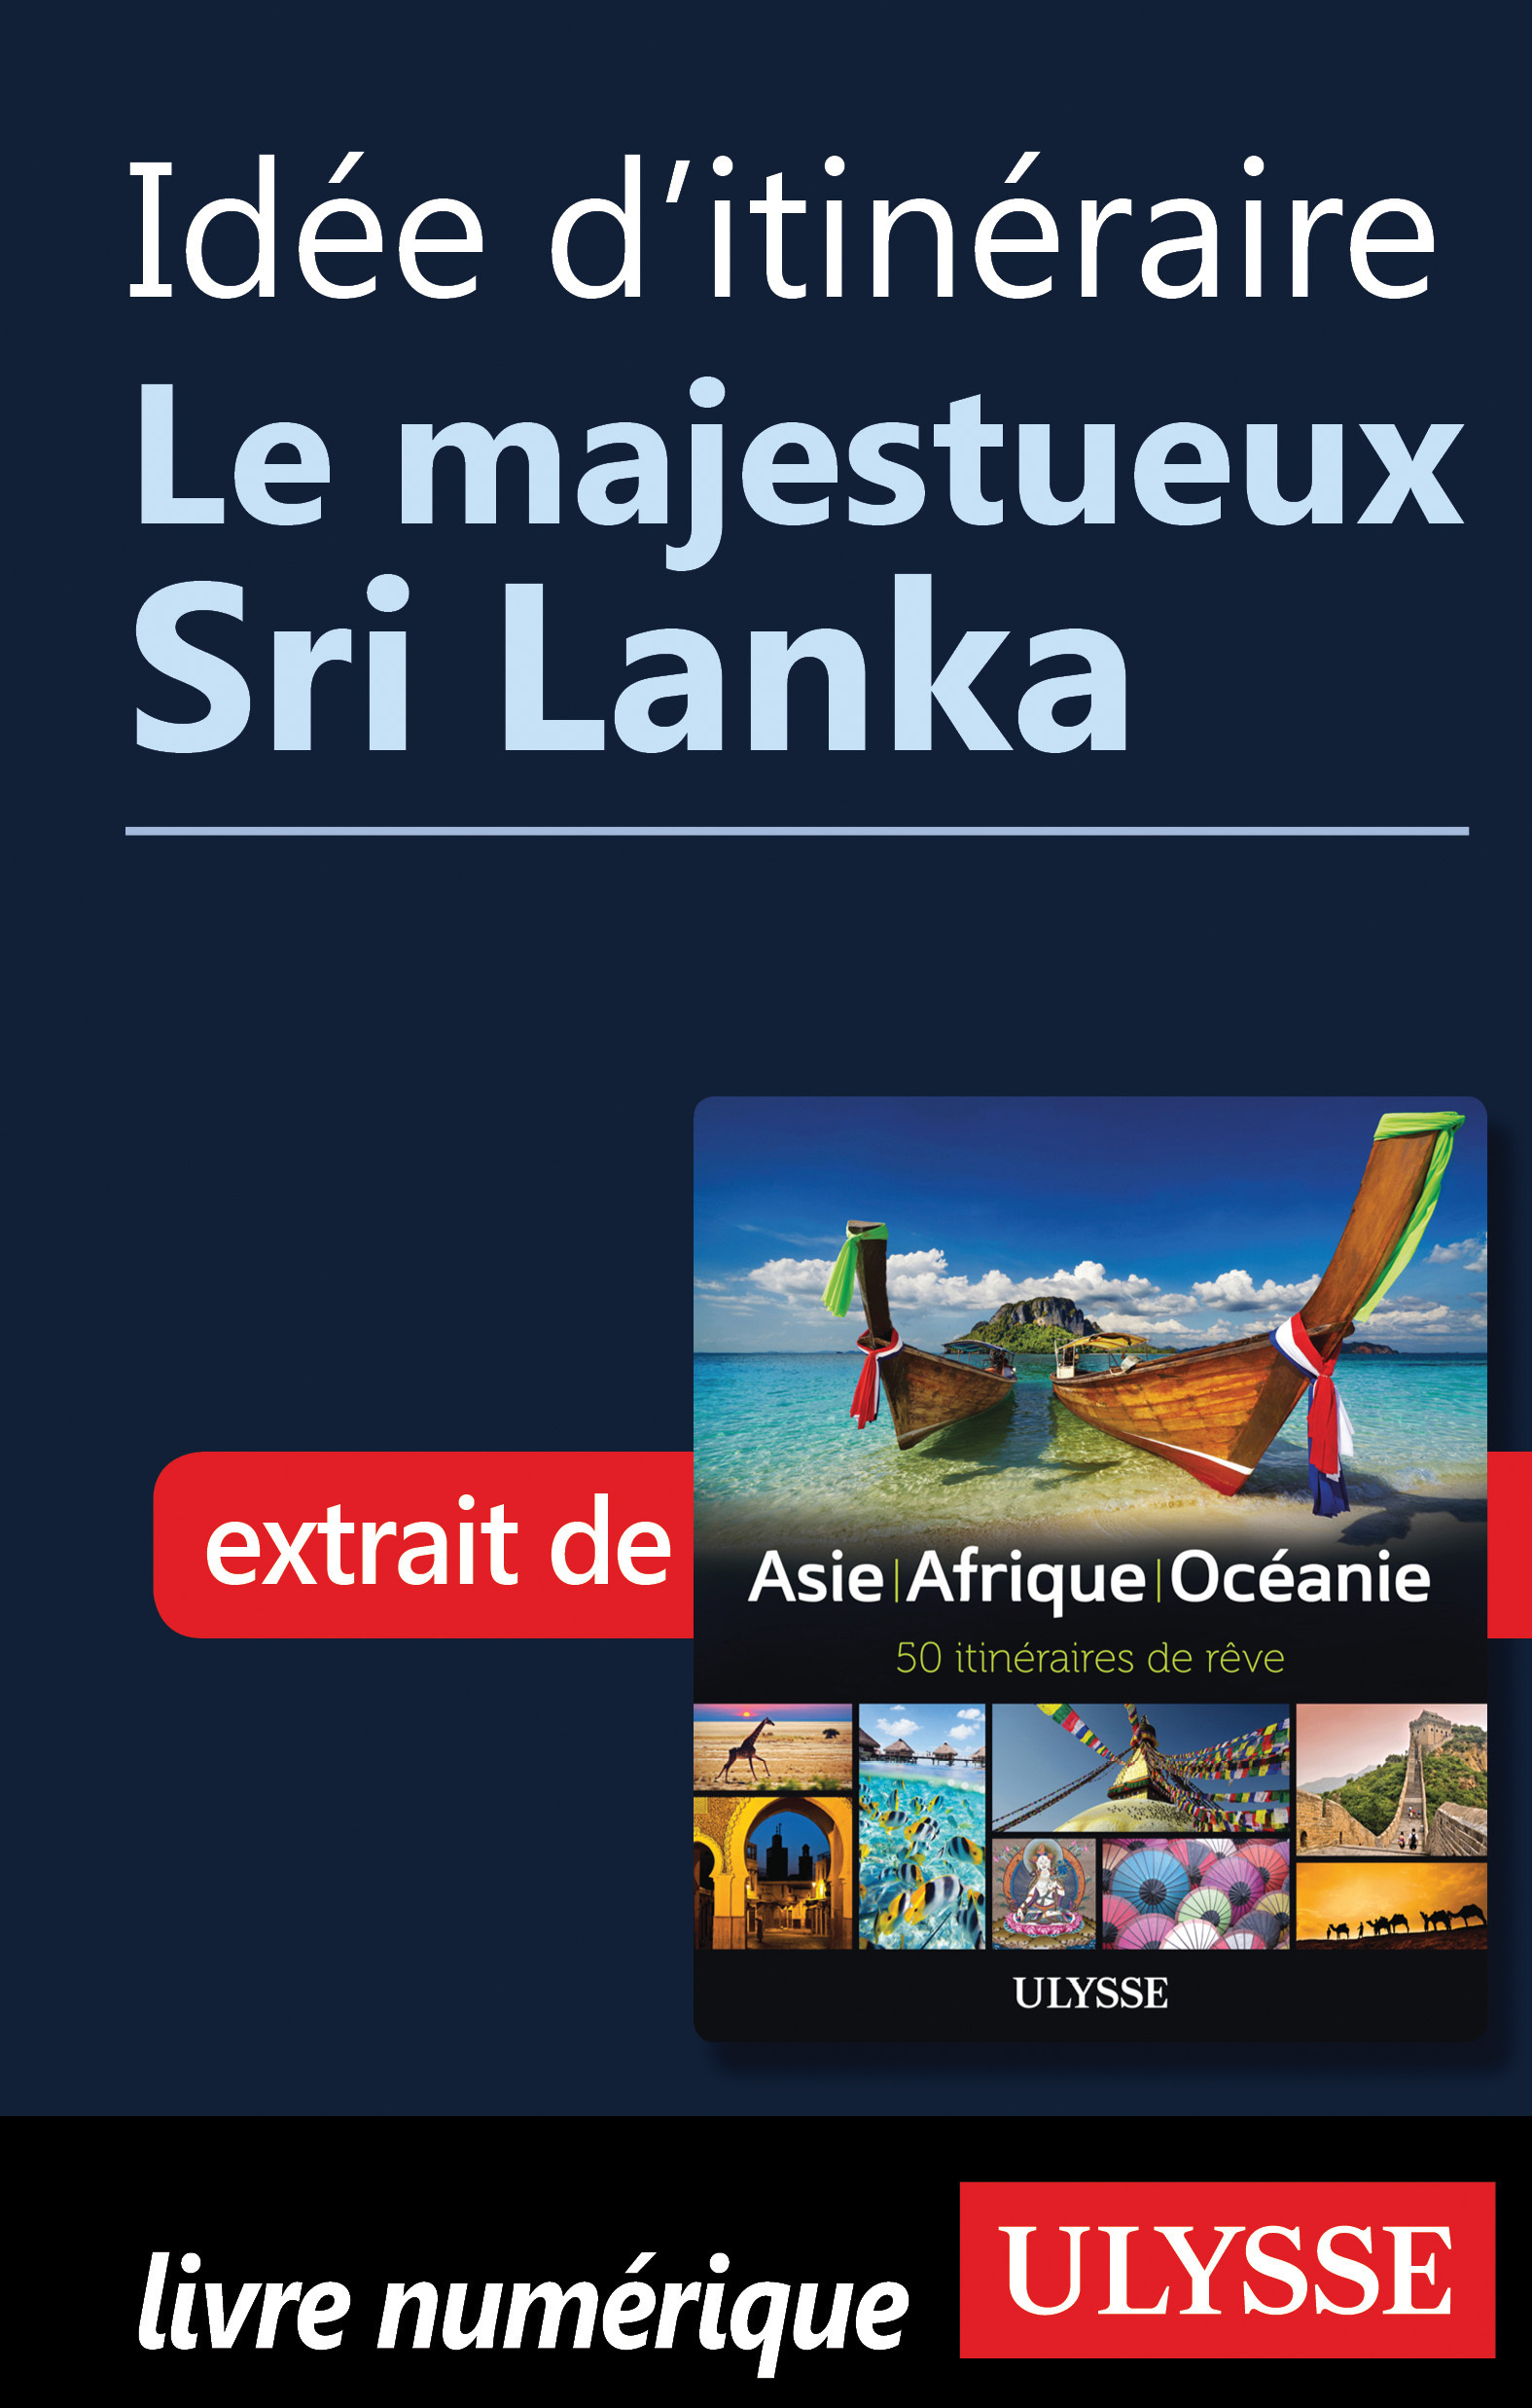 Idée d'itinéraire - Le maje...